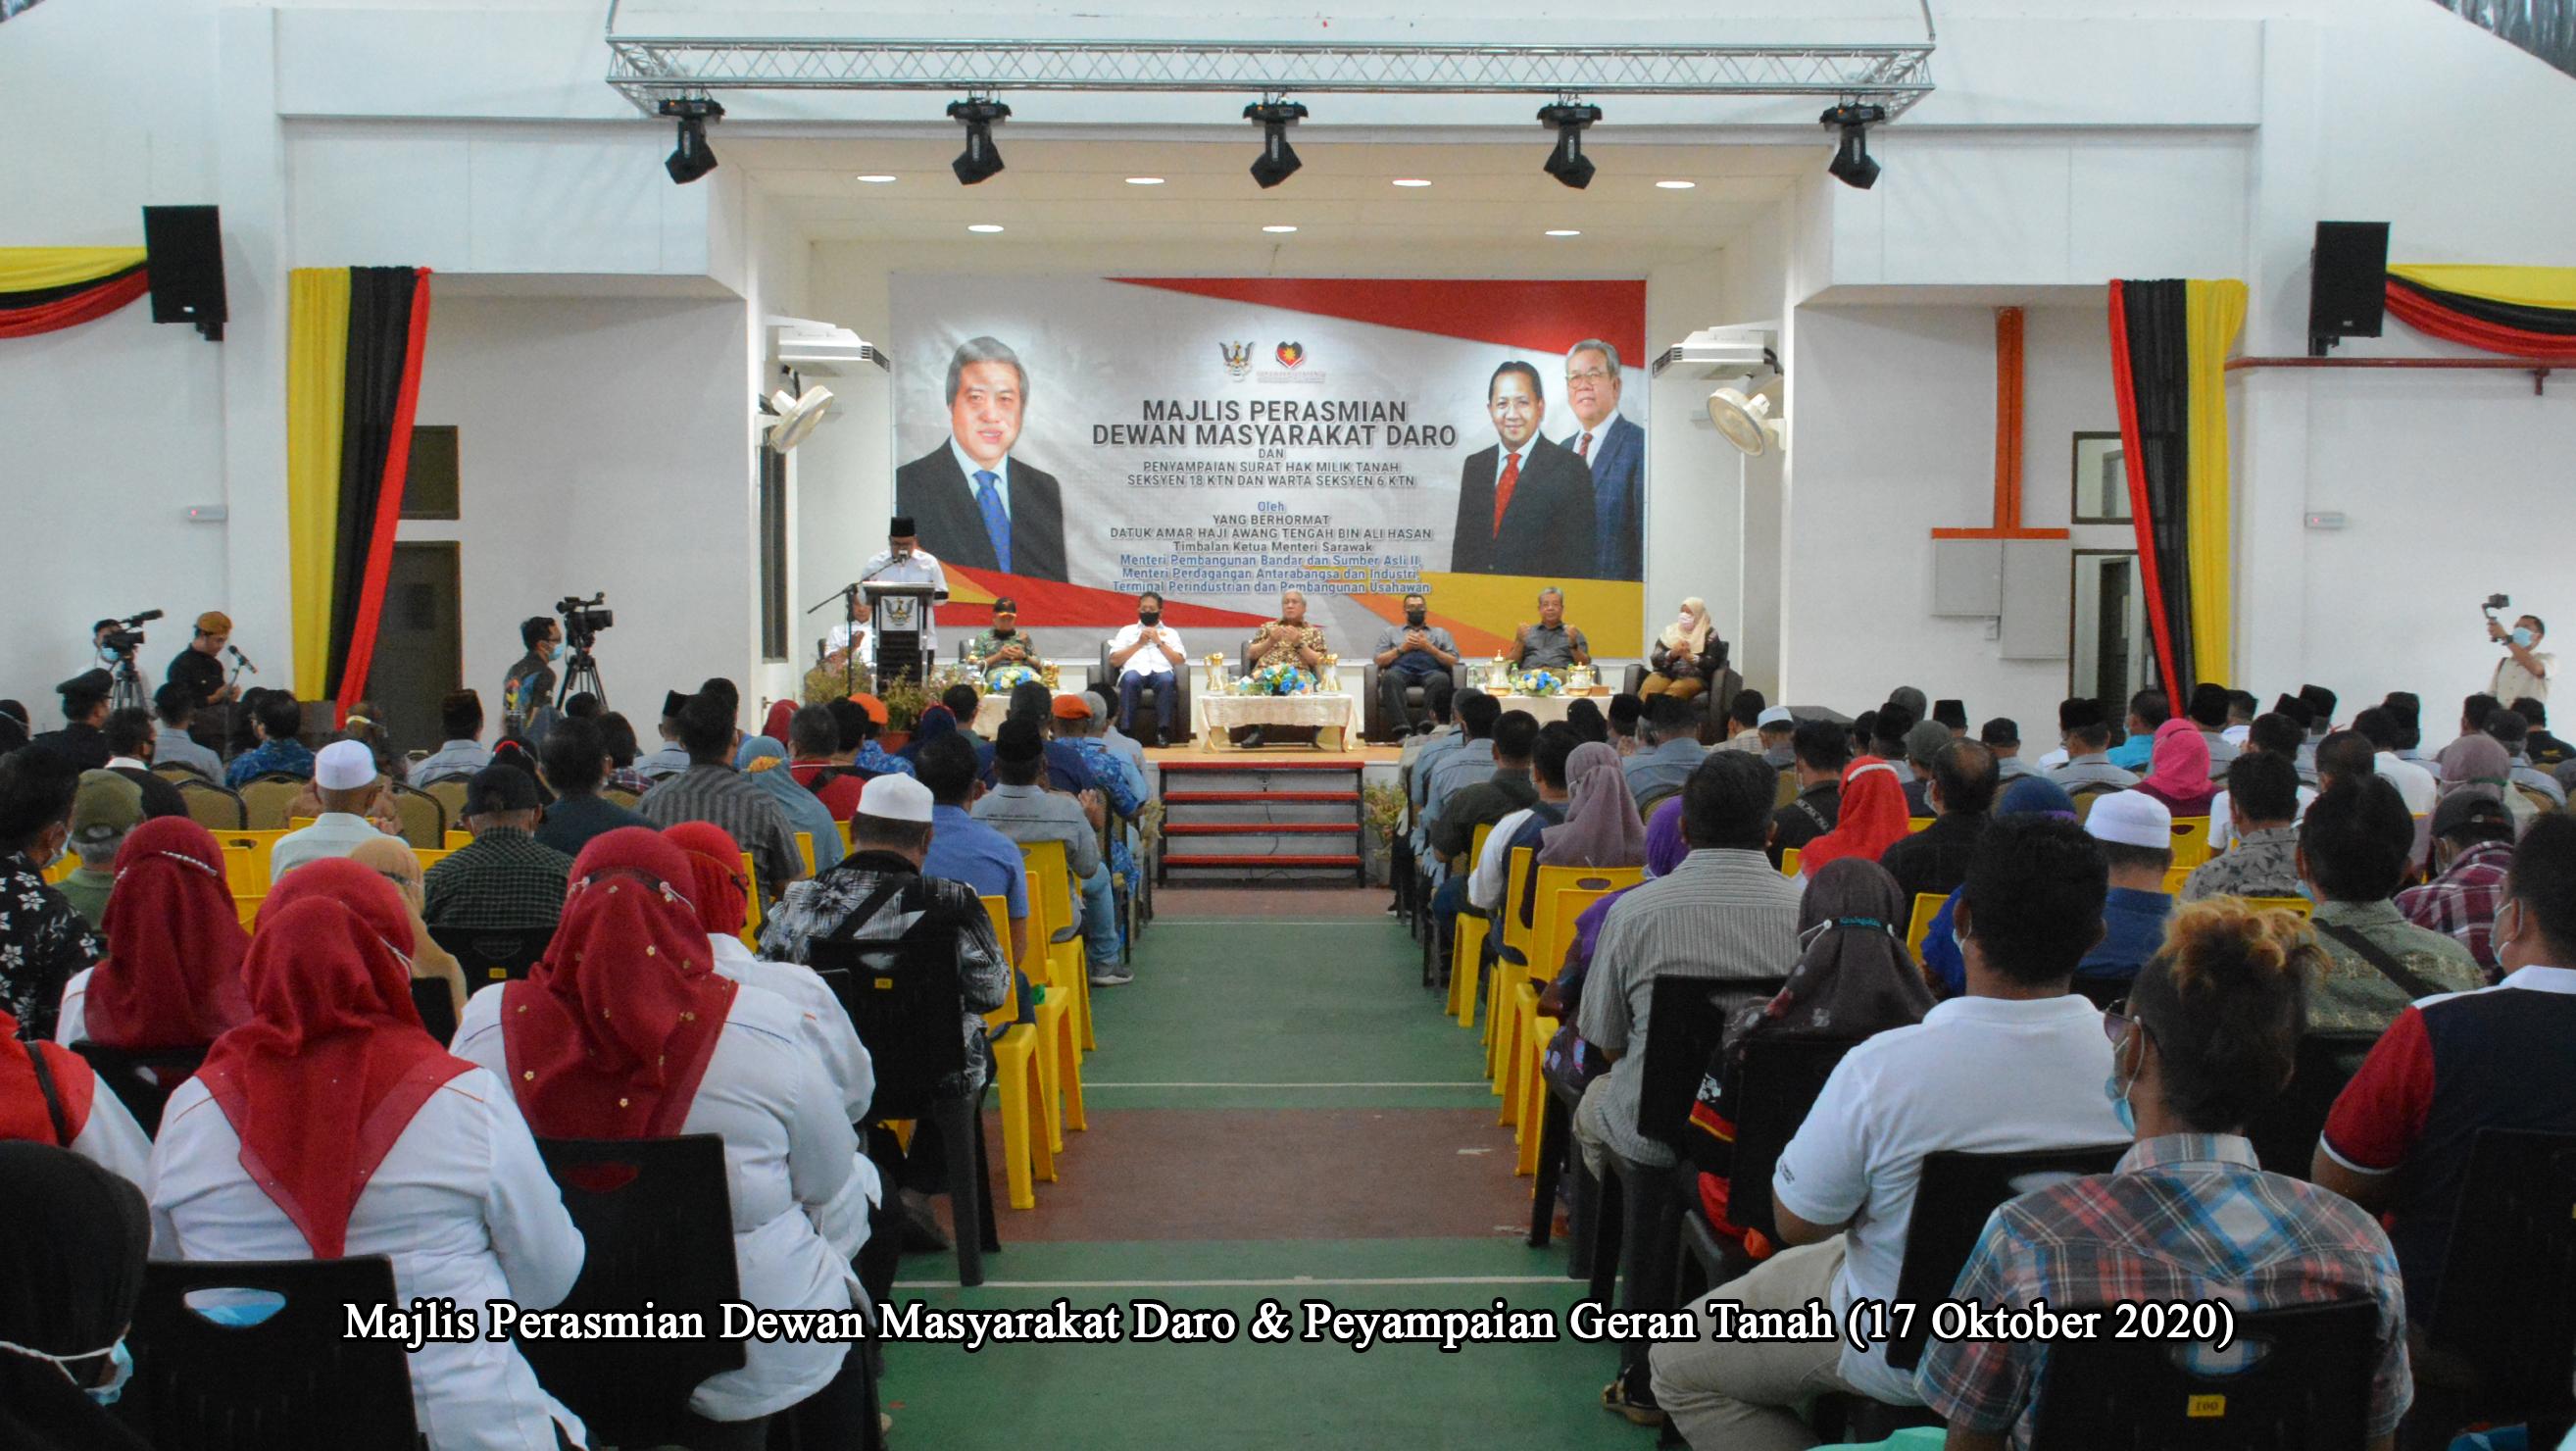 018 Majlis Perasmian Dewan Masy Daro & P